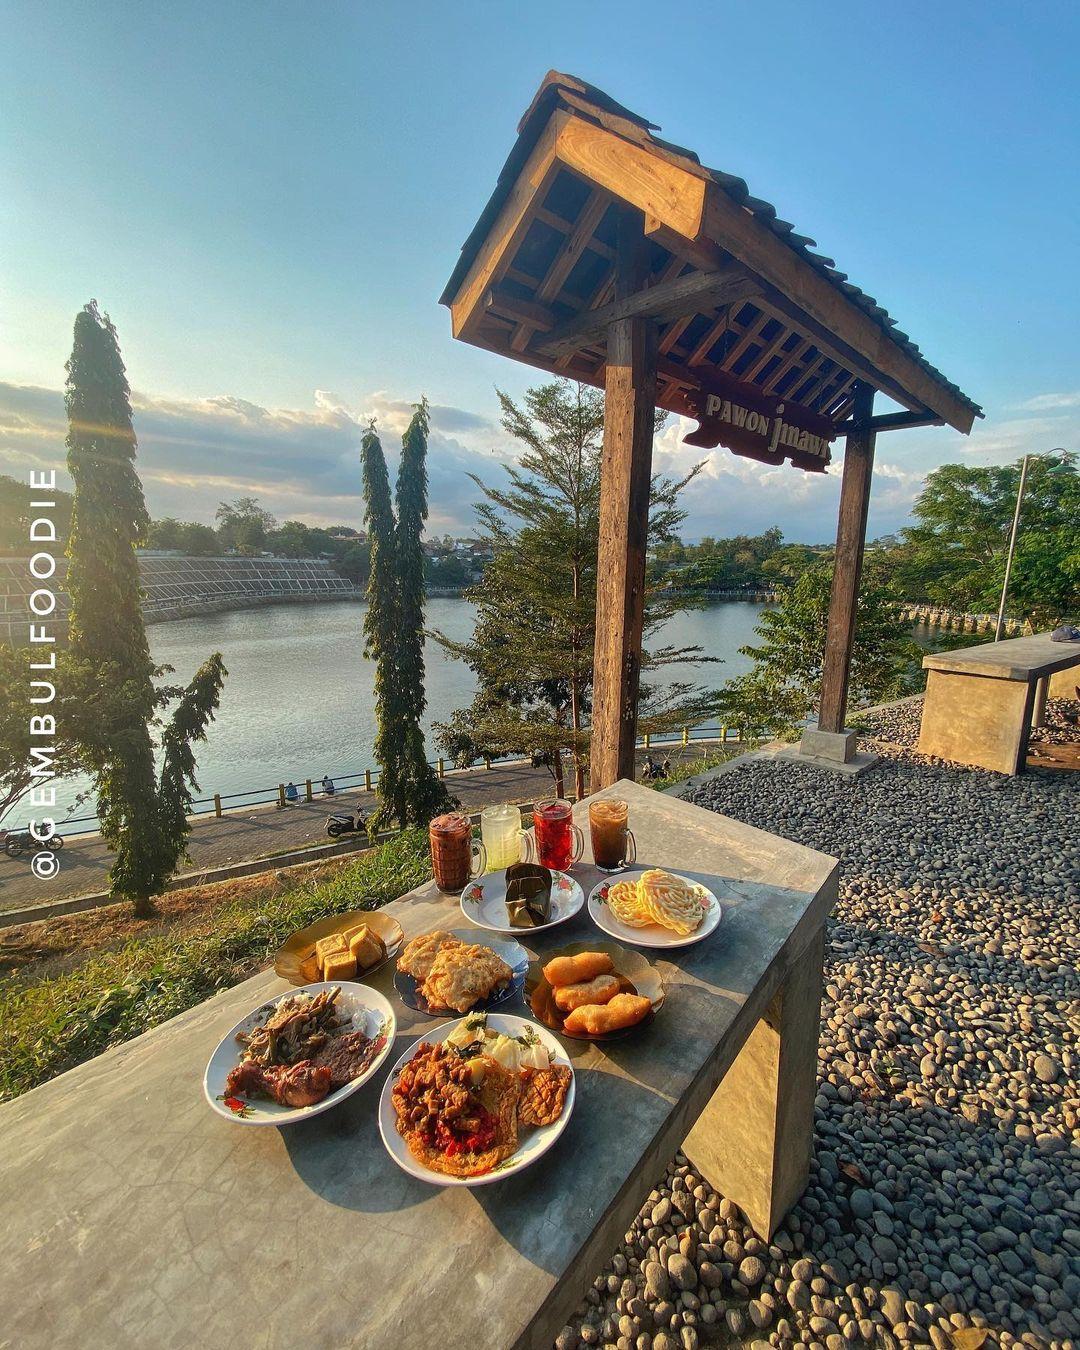 Foto Makan Dengan Pemandangan Tambak Boyo Di Pawon Jinawi Image From @gembulfoodie